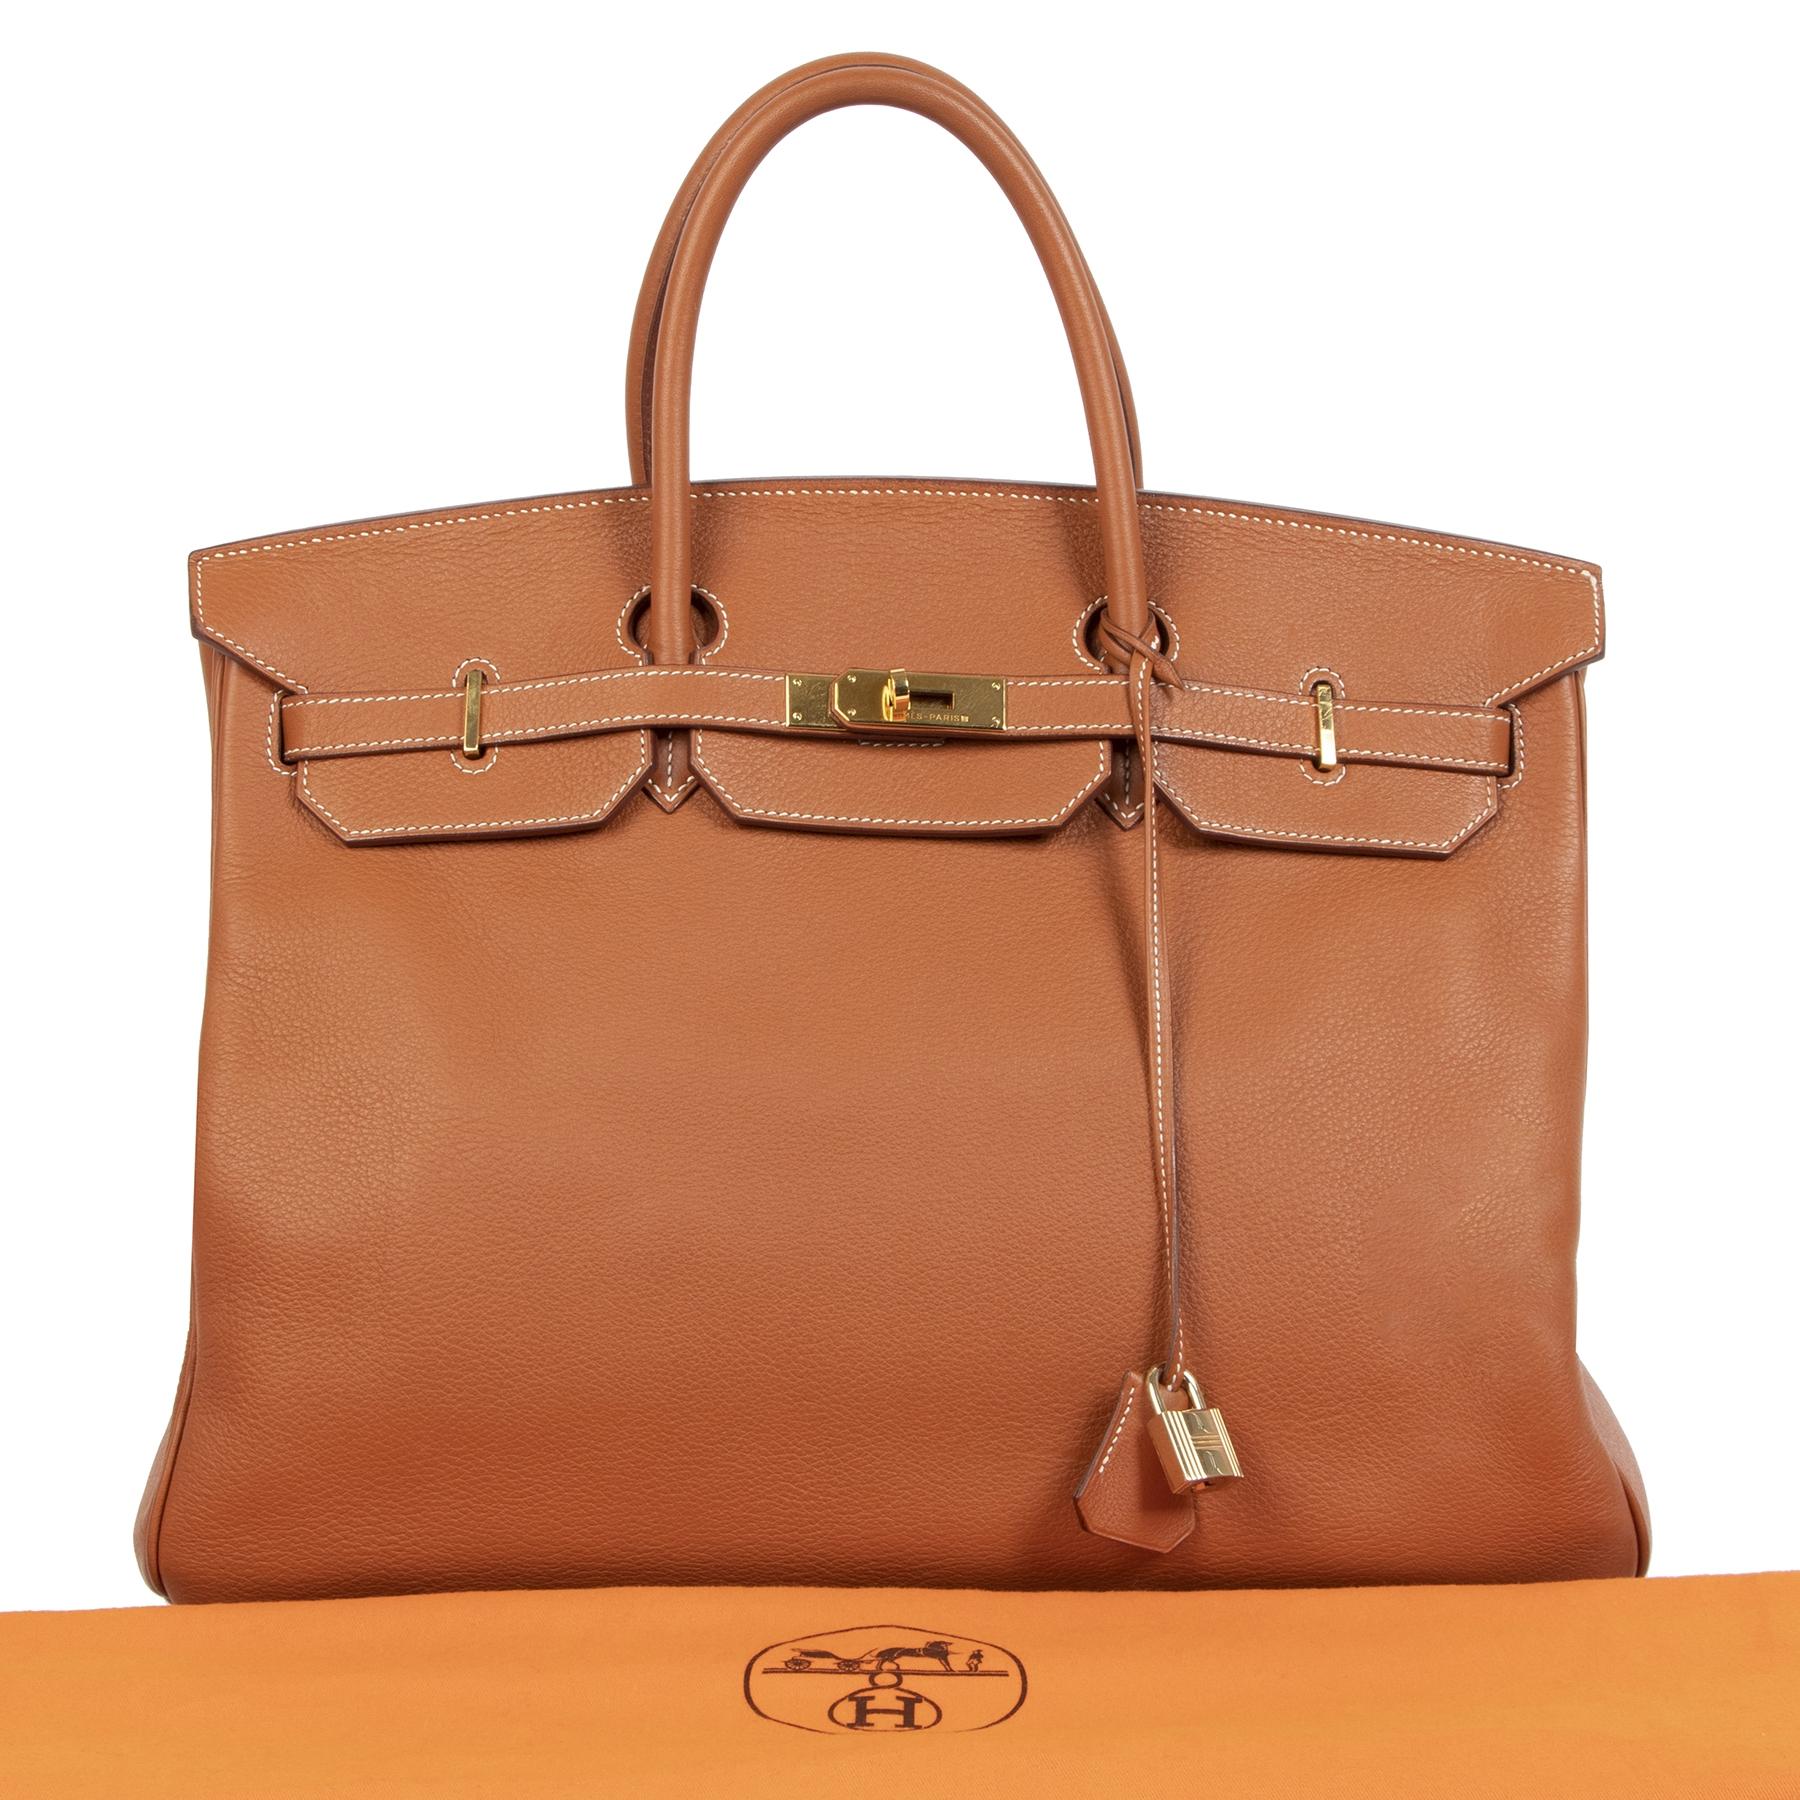 Authentieke tweedehands Hermès Birkin 40 Etrusque Clemence Taurillon GHW aan de juiste prijs veilig online bij LabelLOV webshop luxe merken winkelen Antwerpen België mode